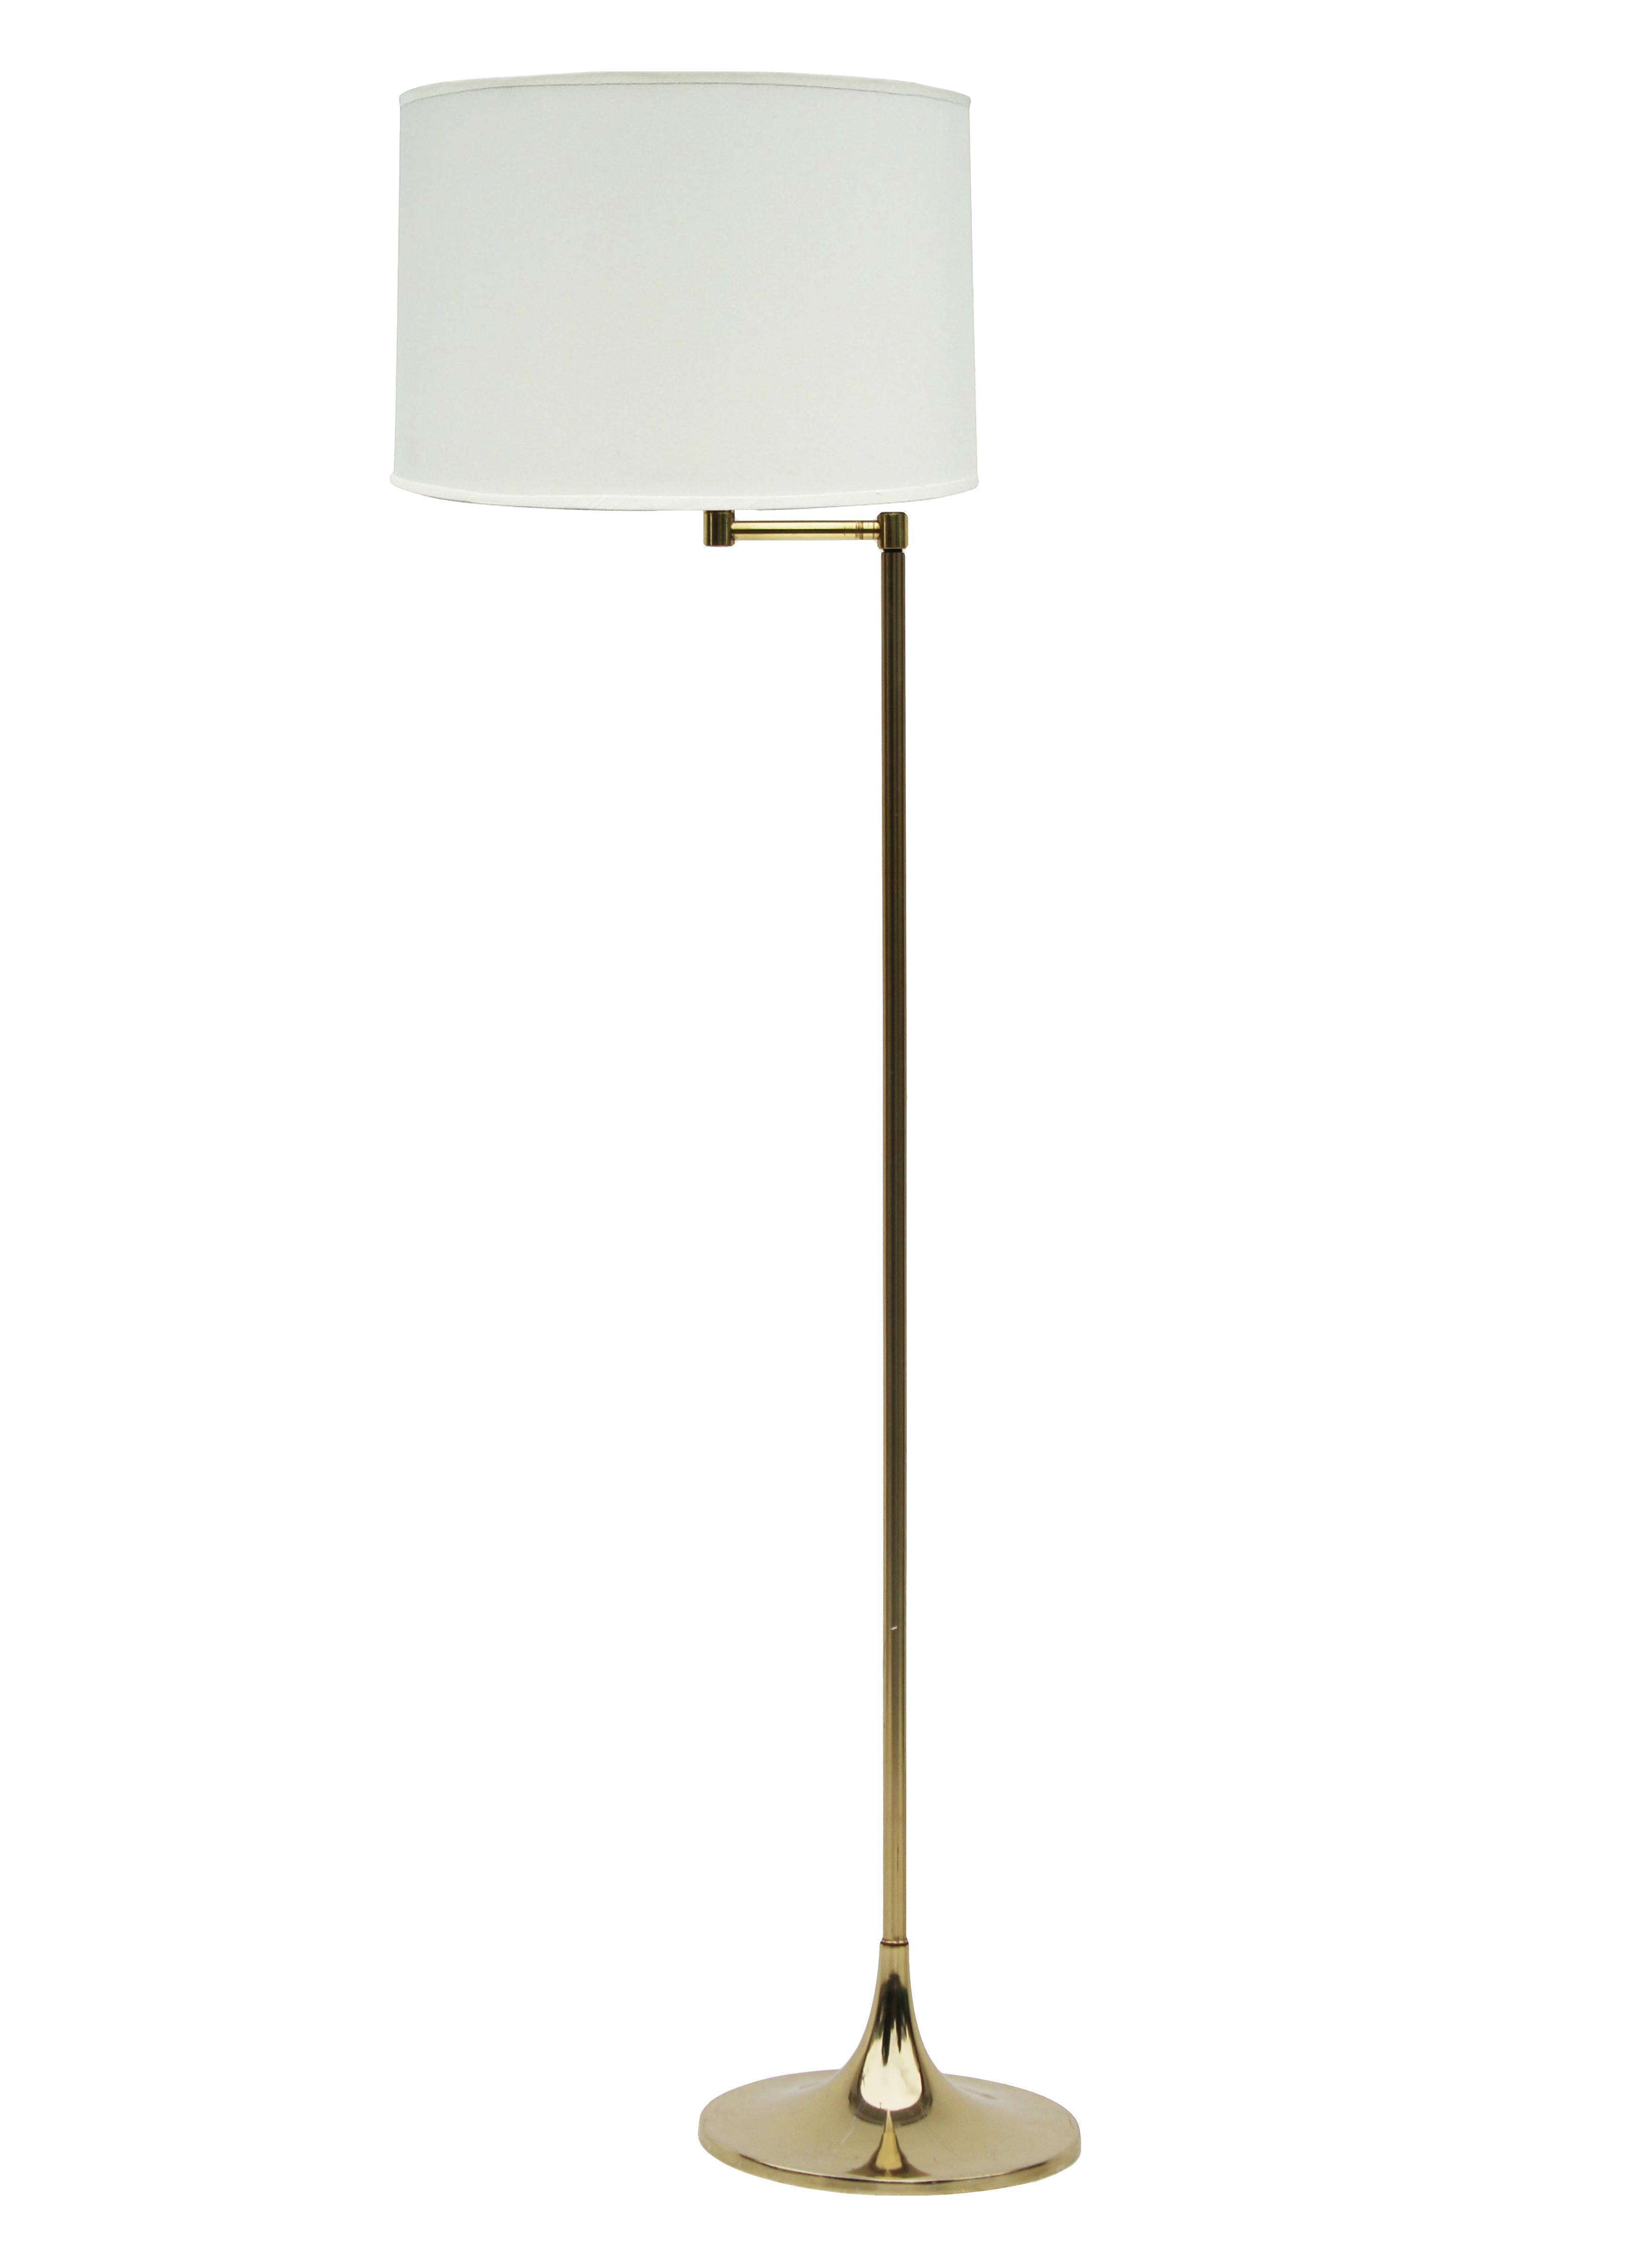 Laurel Brass Tulip Floor Lamp With Swing Arm